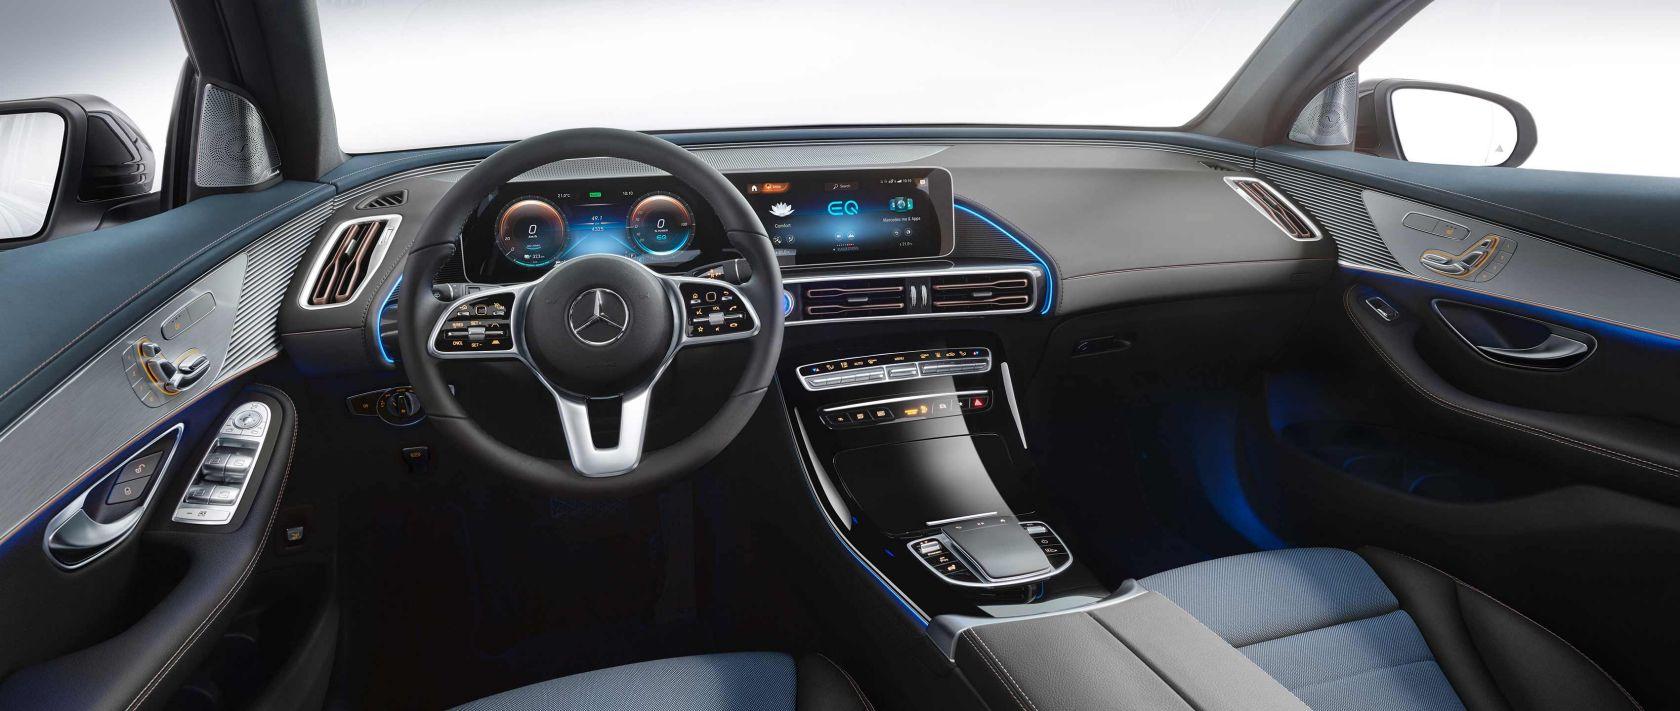 Itt az új Mercedes EQC